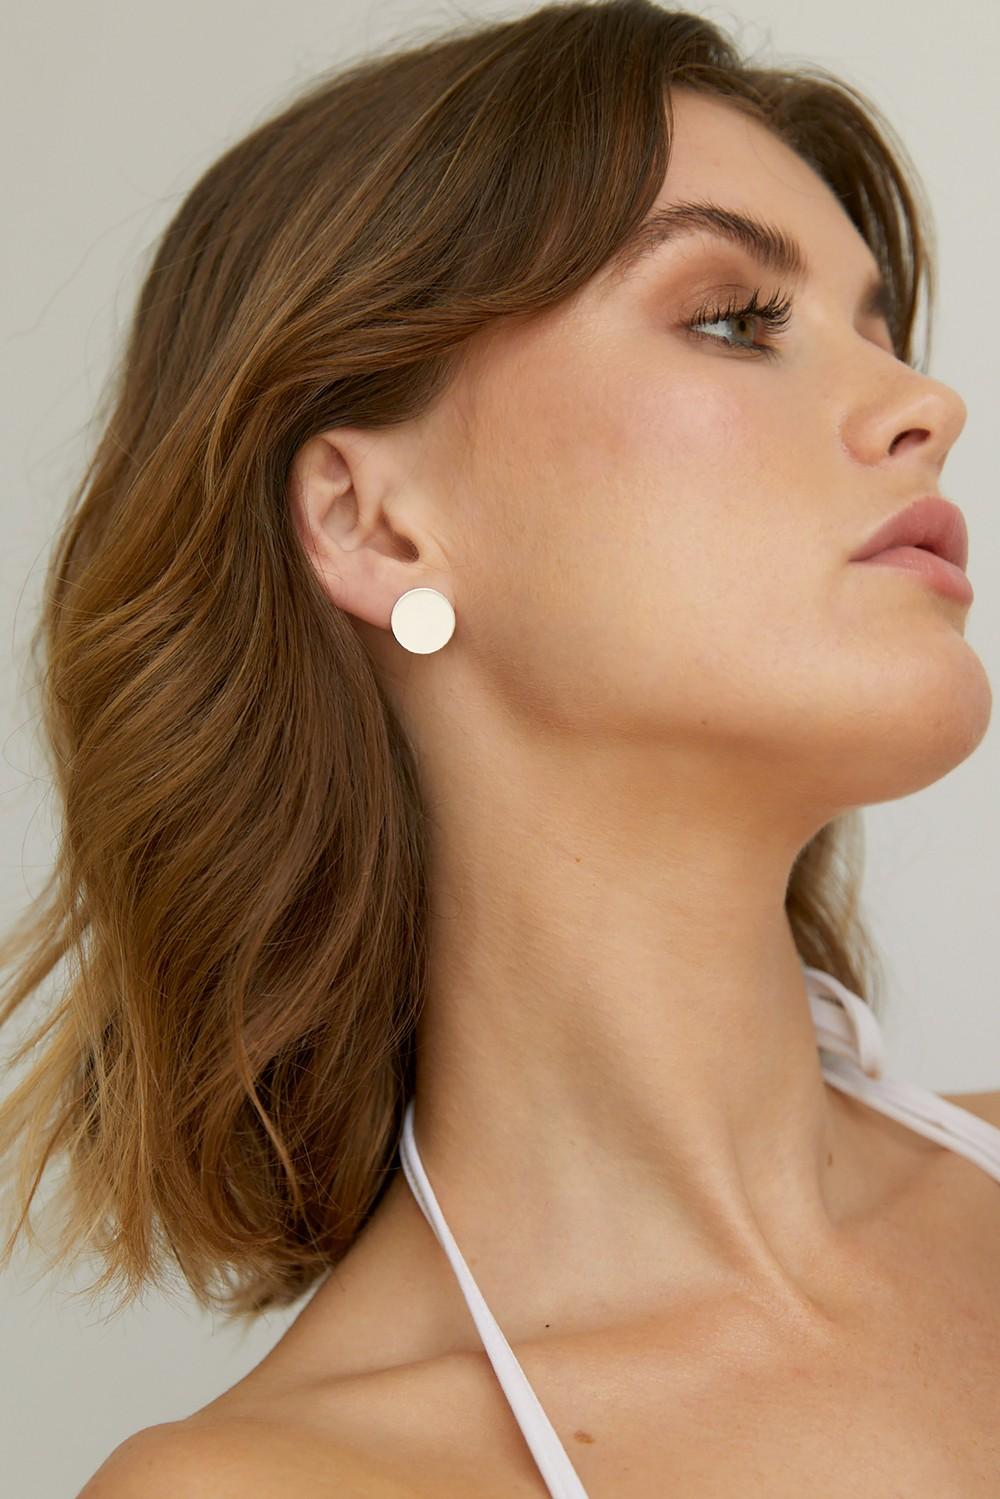 Boucles d'oreilles disque en argent recyclé - simple disc studs - Wild fawn